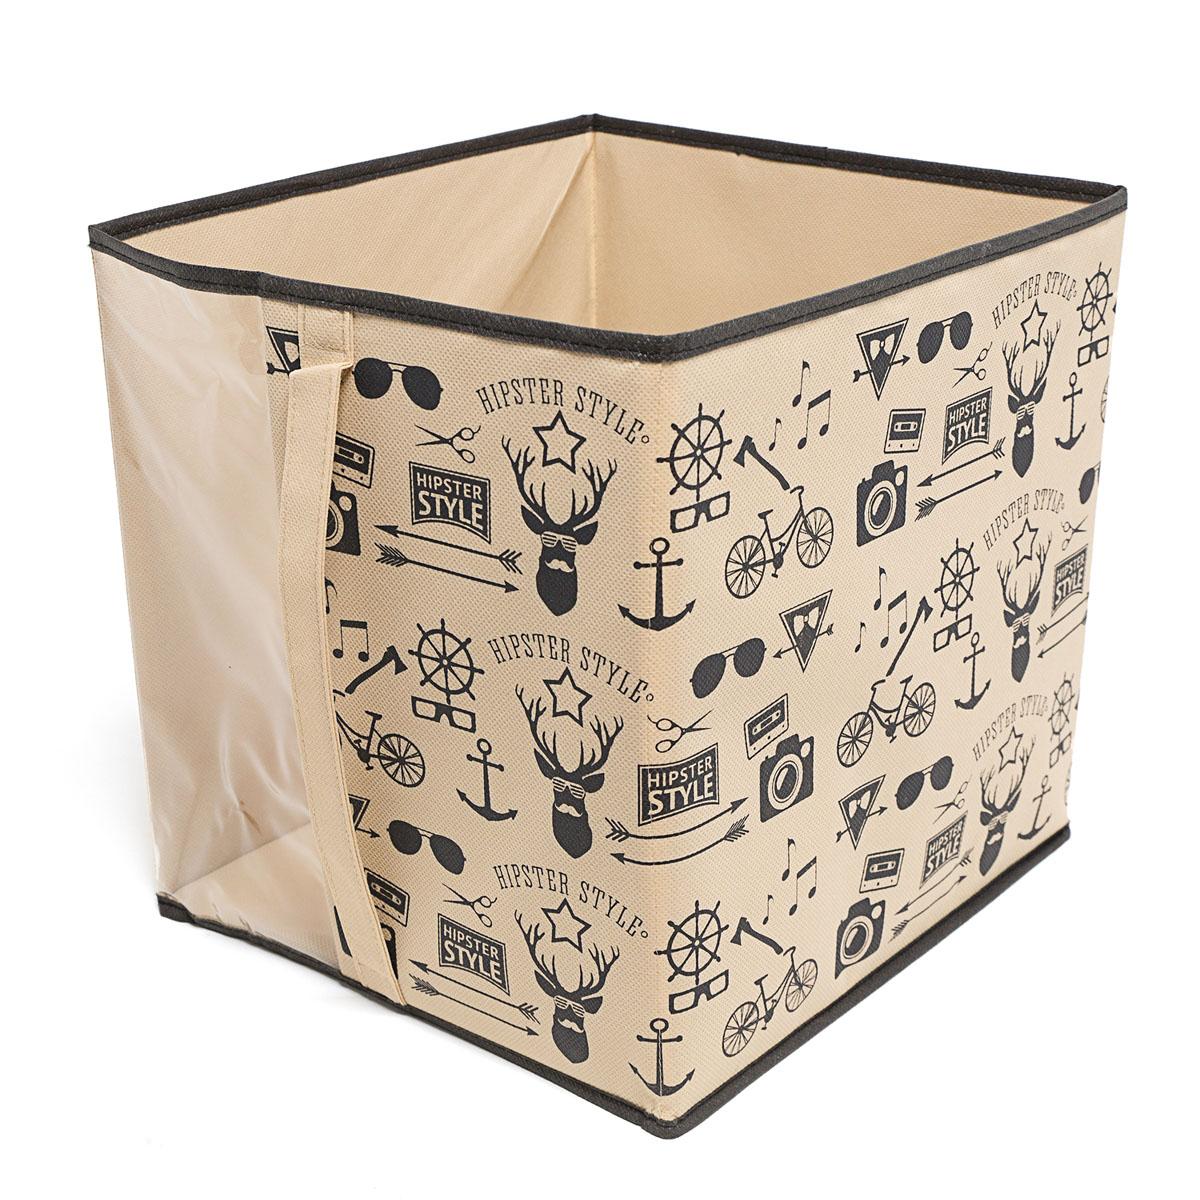 Кофр для хранения Homsu Hipster Style, 30 х 33 х 32 смHOM-117Кофр для хранения Homsu Hipster Style изготовлен из высококачественного нетканого полотна и декорирован красочным изображением. Кофр имеет одно большое отделение, где вы можете хранить различные бытовые вещи, нижнее белье, одежду и многое другое. Вставки из картона обеспечивают прочность конструкции. Стильный принт, модный цвет и качество исполнения сделают такой кофр незаменимым для хранения ваших вещей.